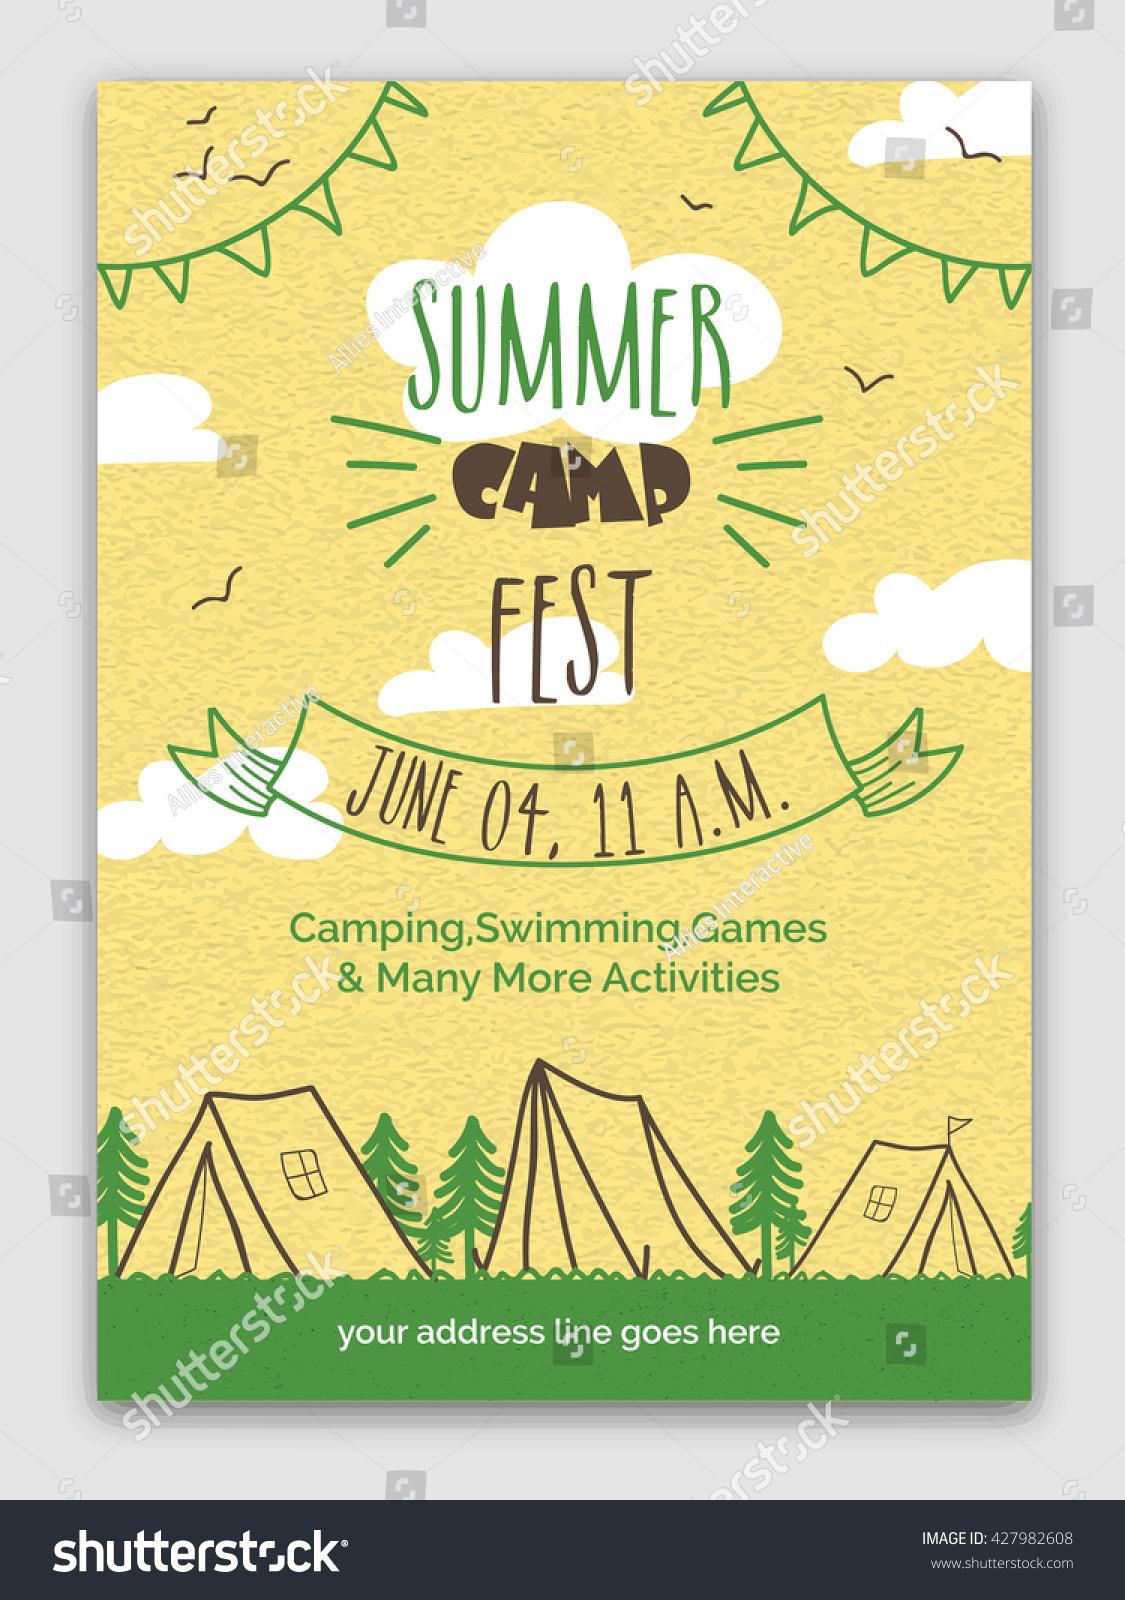 summer camp fest template banner flyer stock vector 427982608 shutterstock. Black Bedroom Furniture Sets. Home Design Ideas